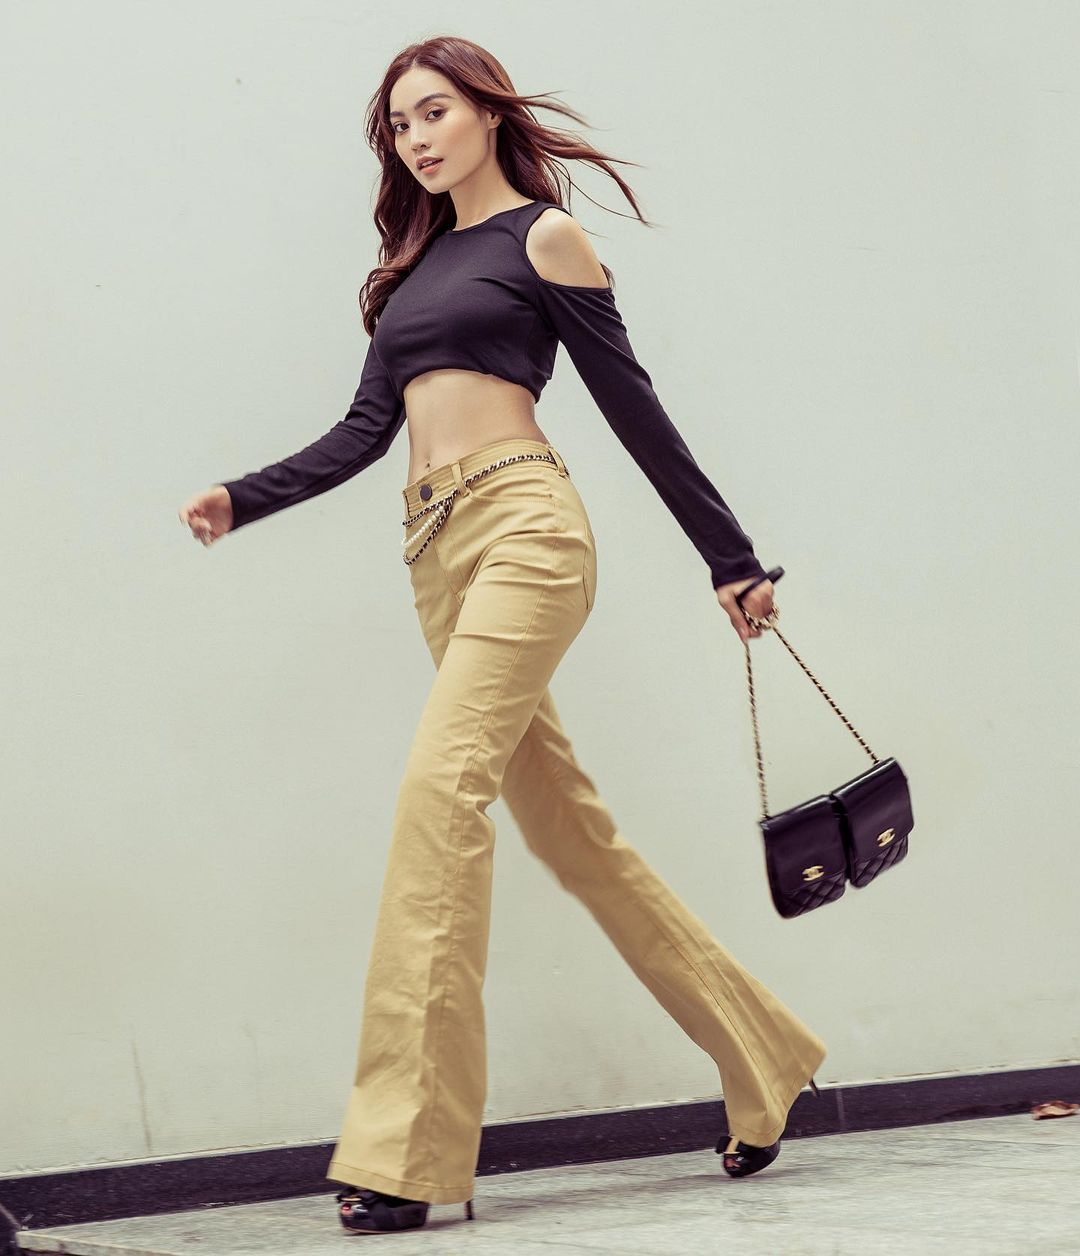 """Mỹ nhân Việt cực chuộng một combo quần dài   giày hack dáng siêu ảo, nàng nấm lùn áp dụng cũng thành """"chân dài tới nách"""" - Ảnh 1."""